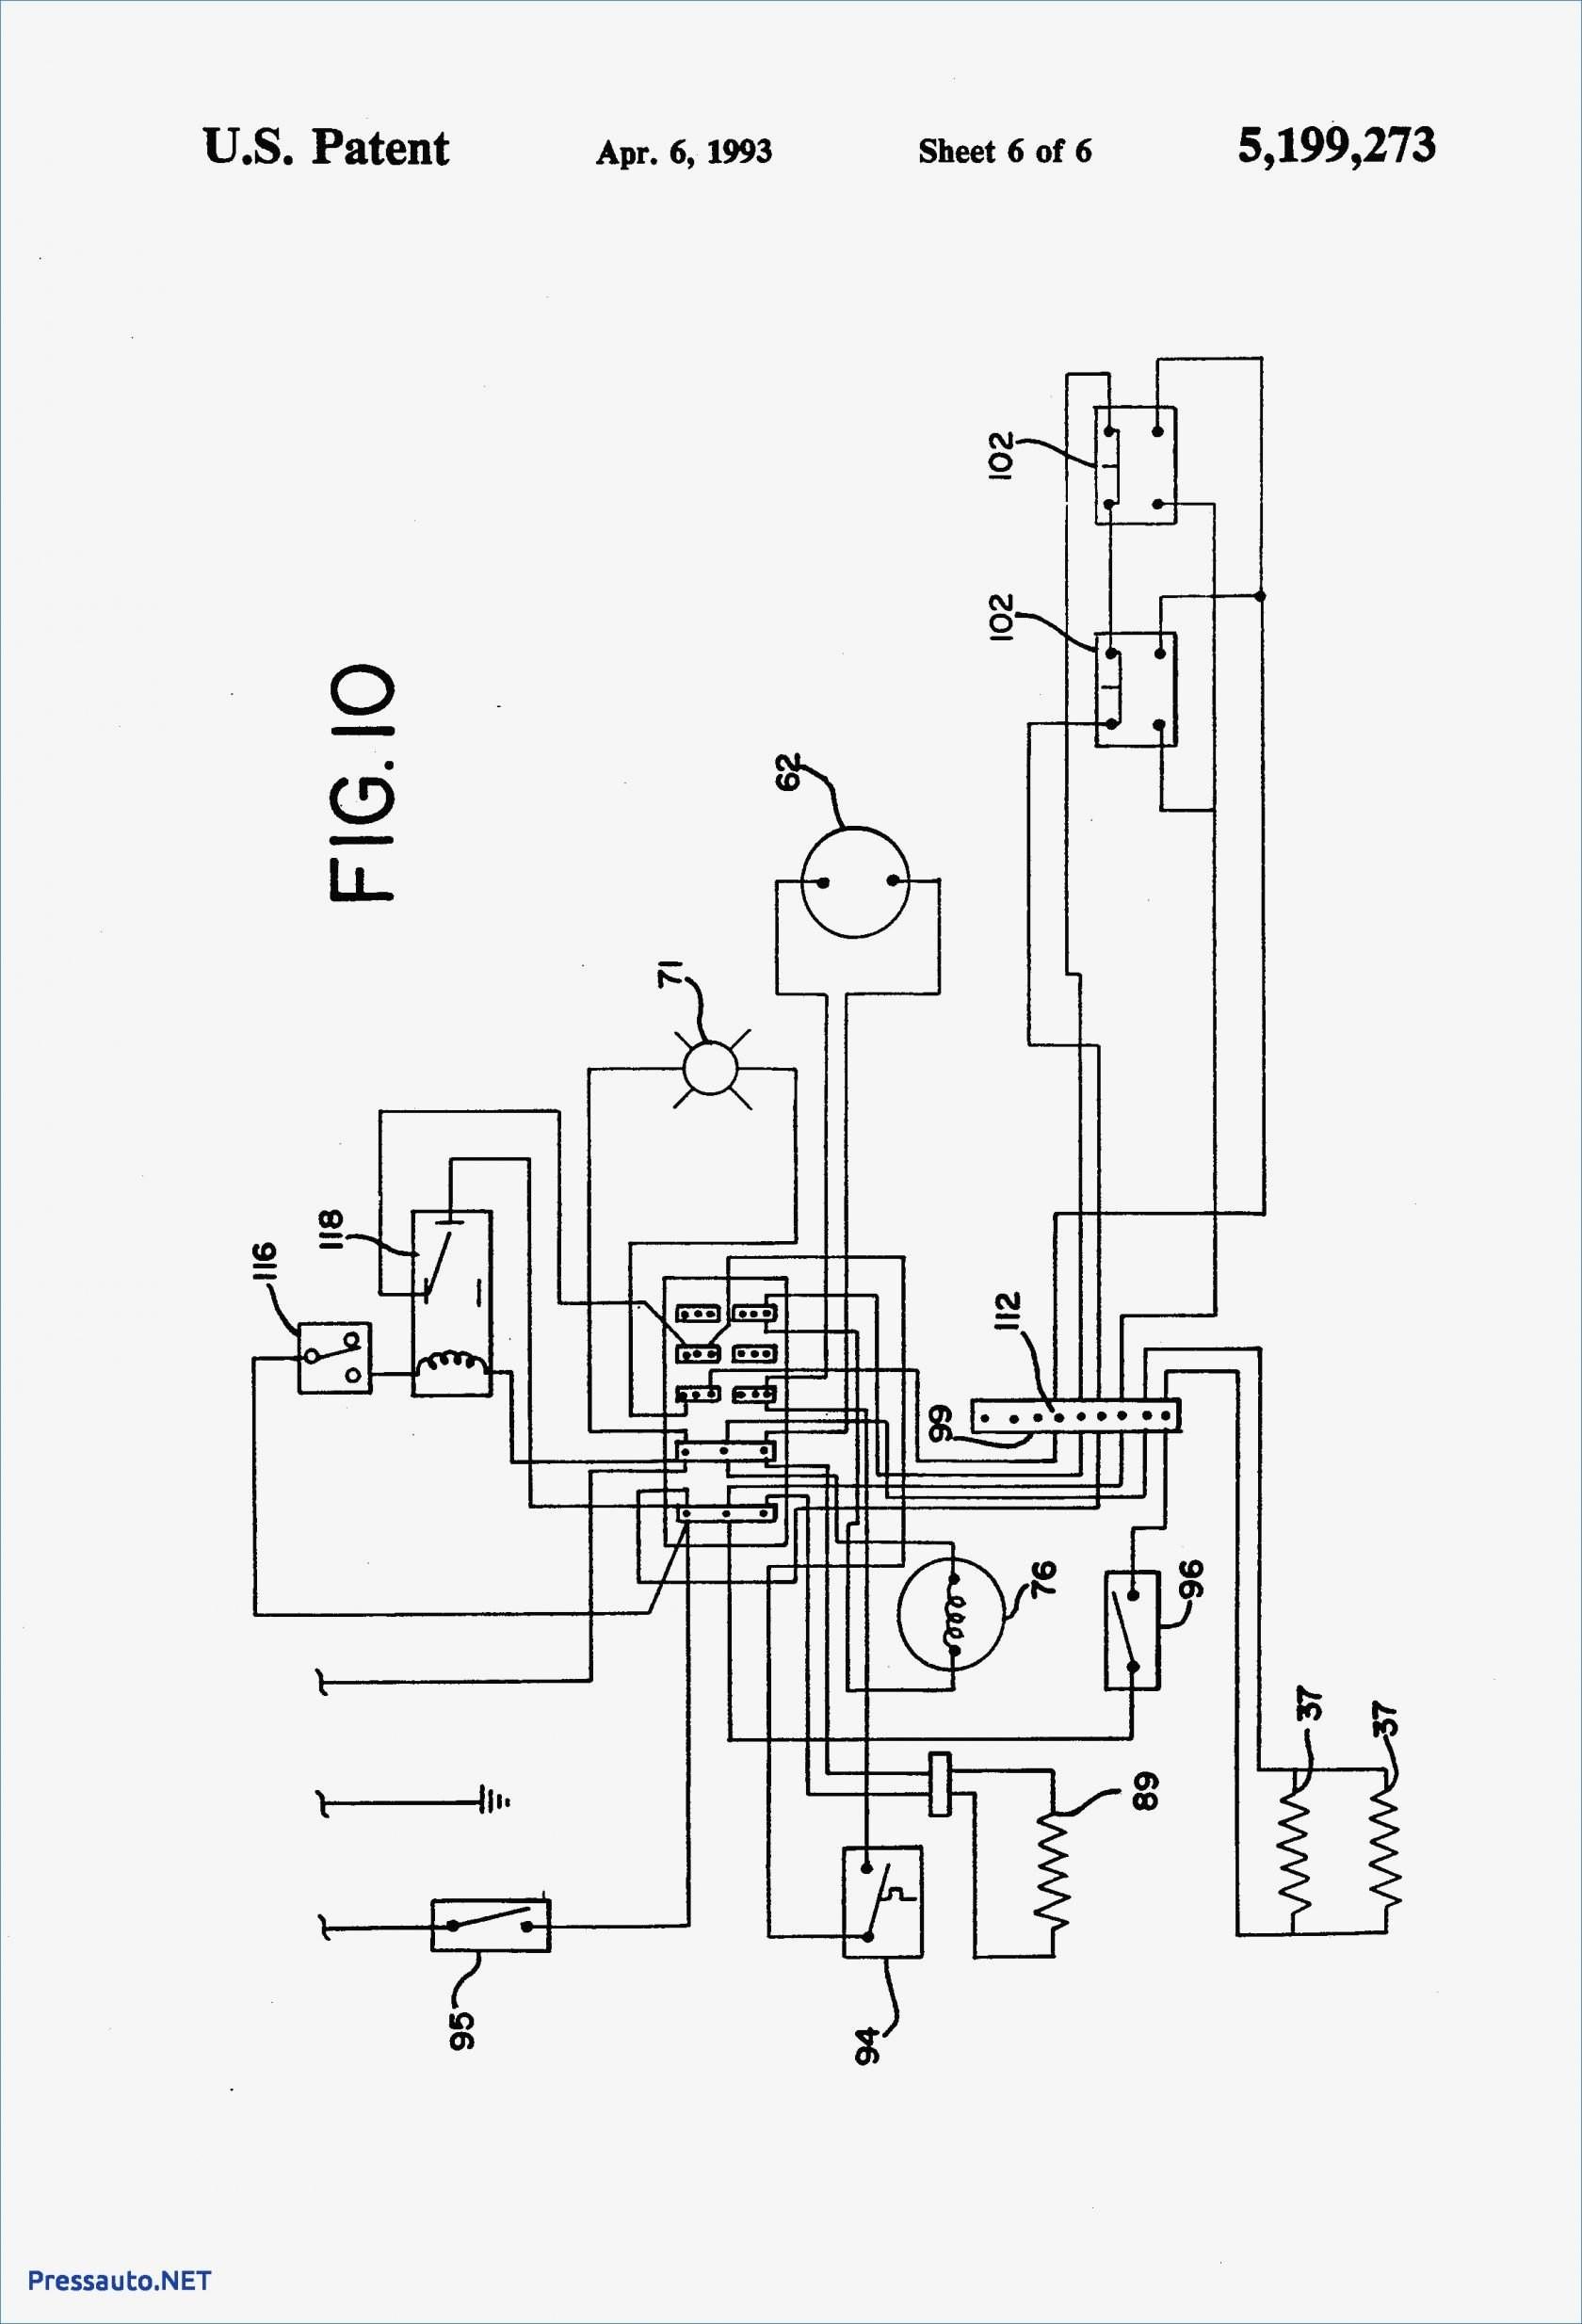 Walk In Freezer Wiring Diagram norlake Walk In Cooler Wiring Diagram Collection Of Walk In Freezer Wiring Diagram